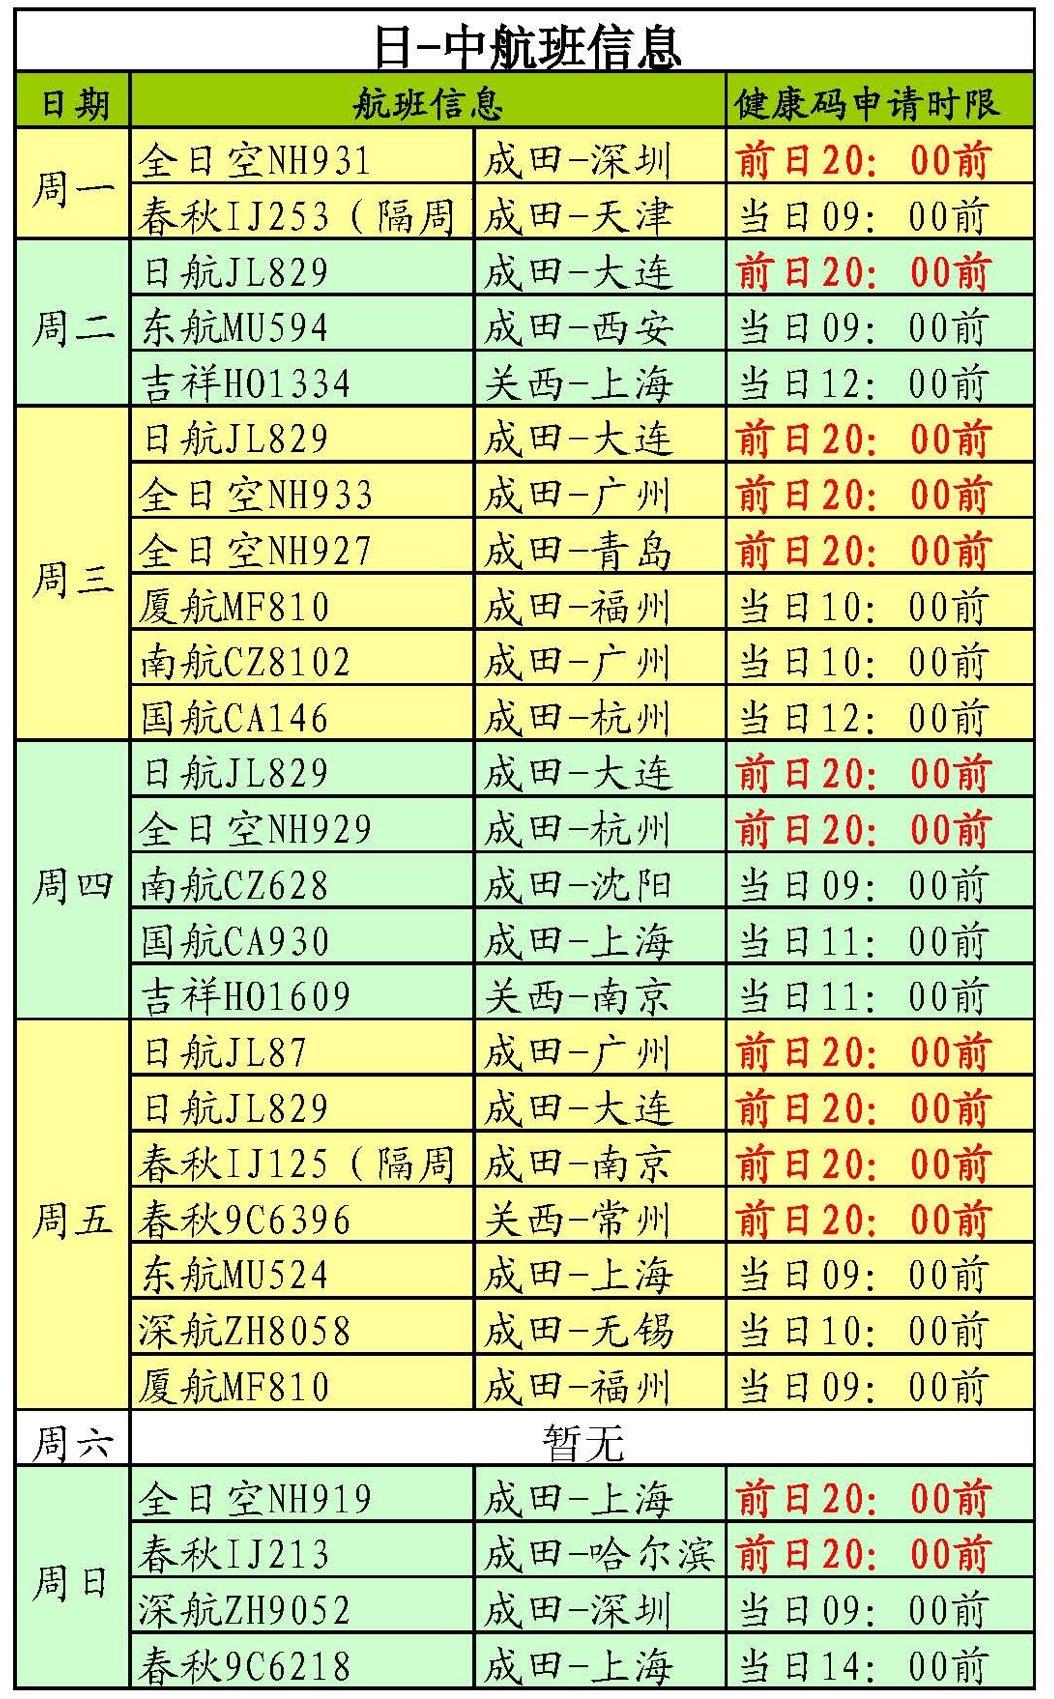 重要通知丨关于调整自日本赴华人员健康码/健康状况声明书受理要求的通知